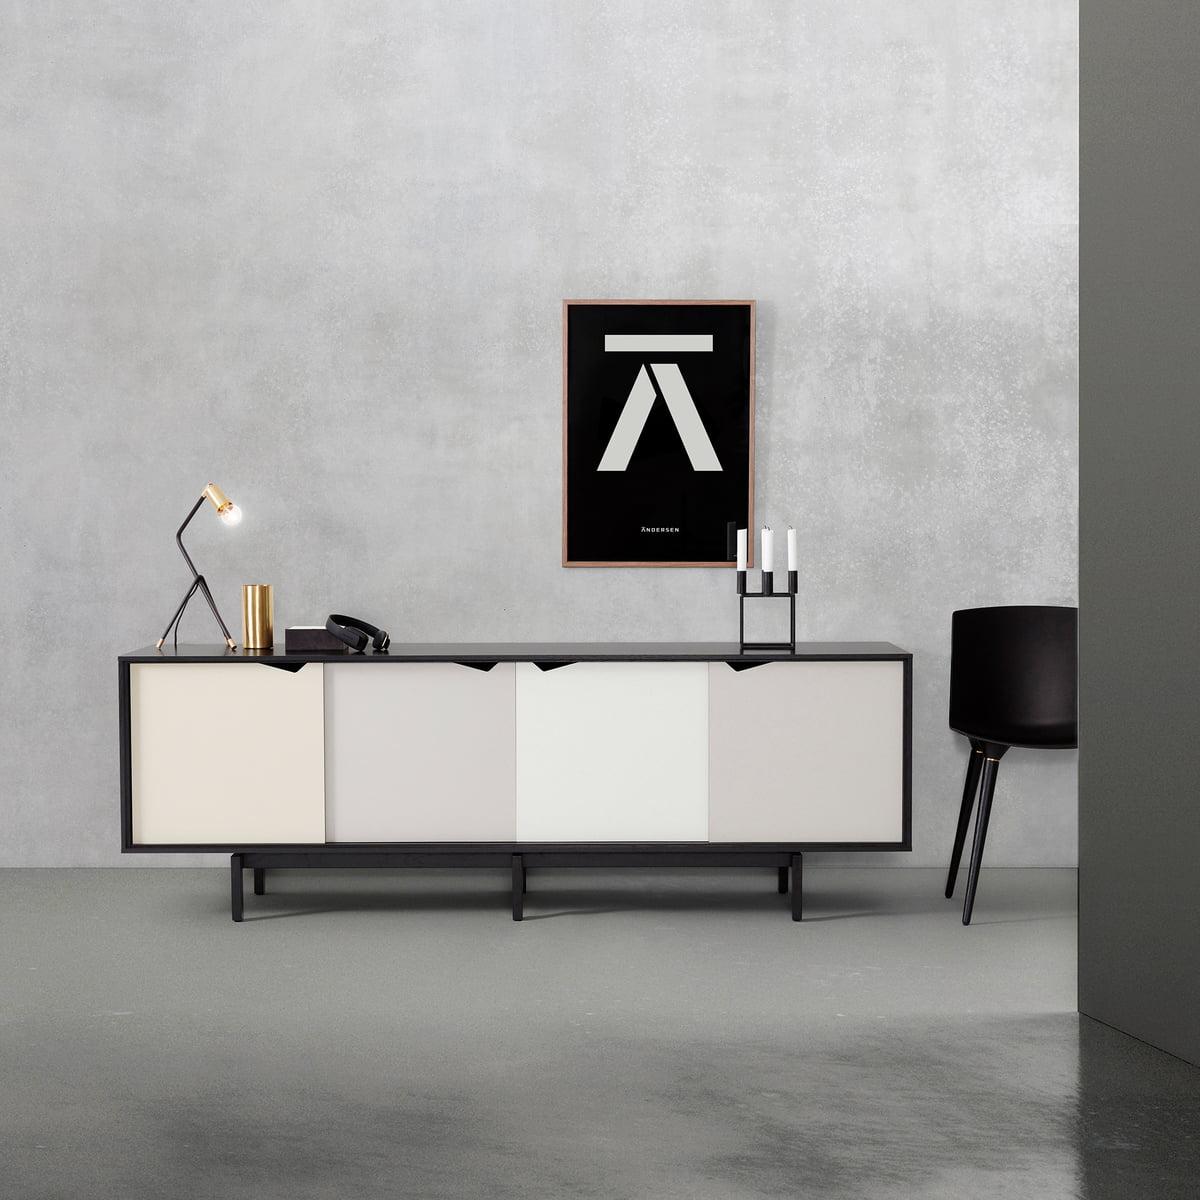 Das Moderne Sideboard Stil Design: Usm Sideboard